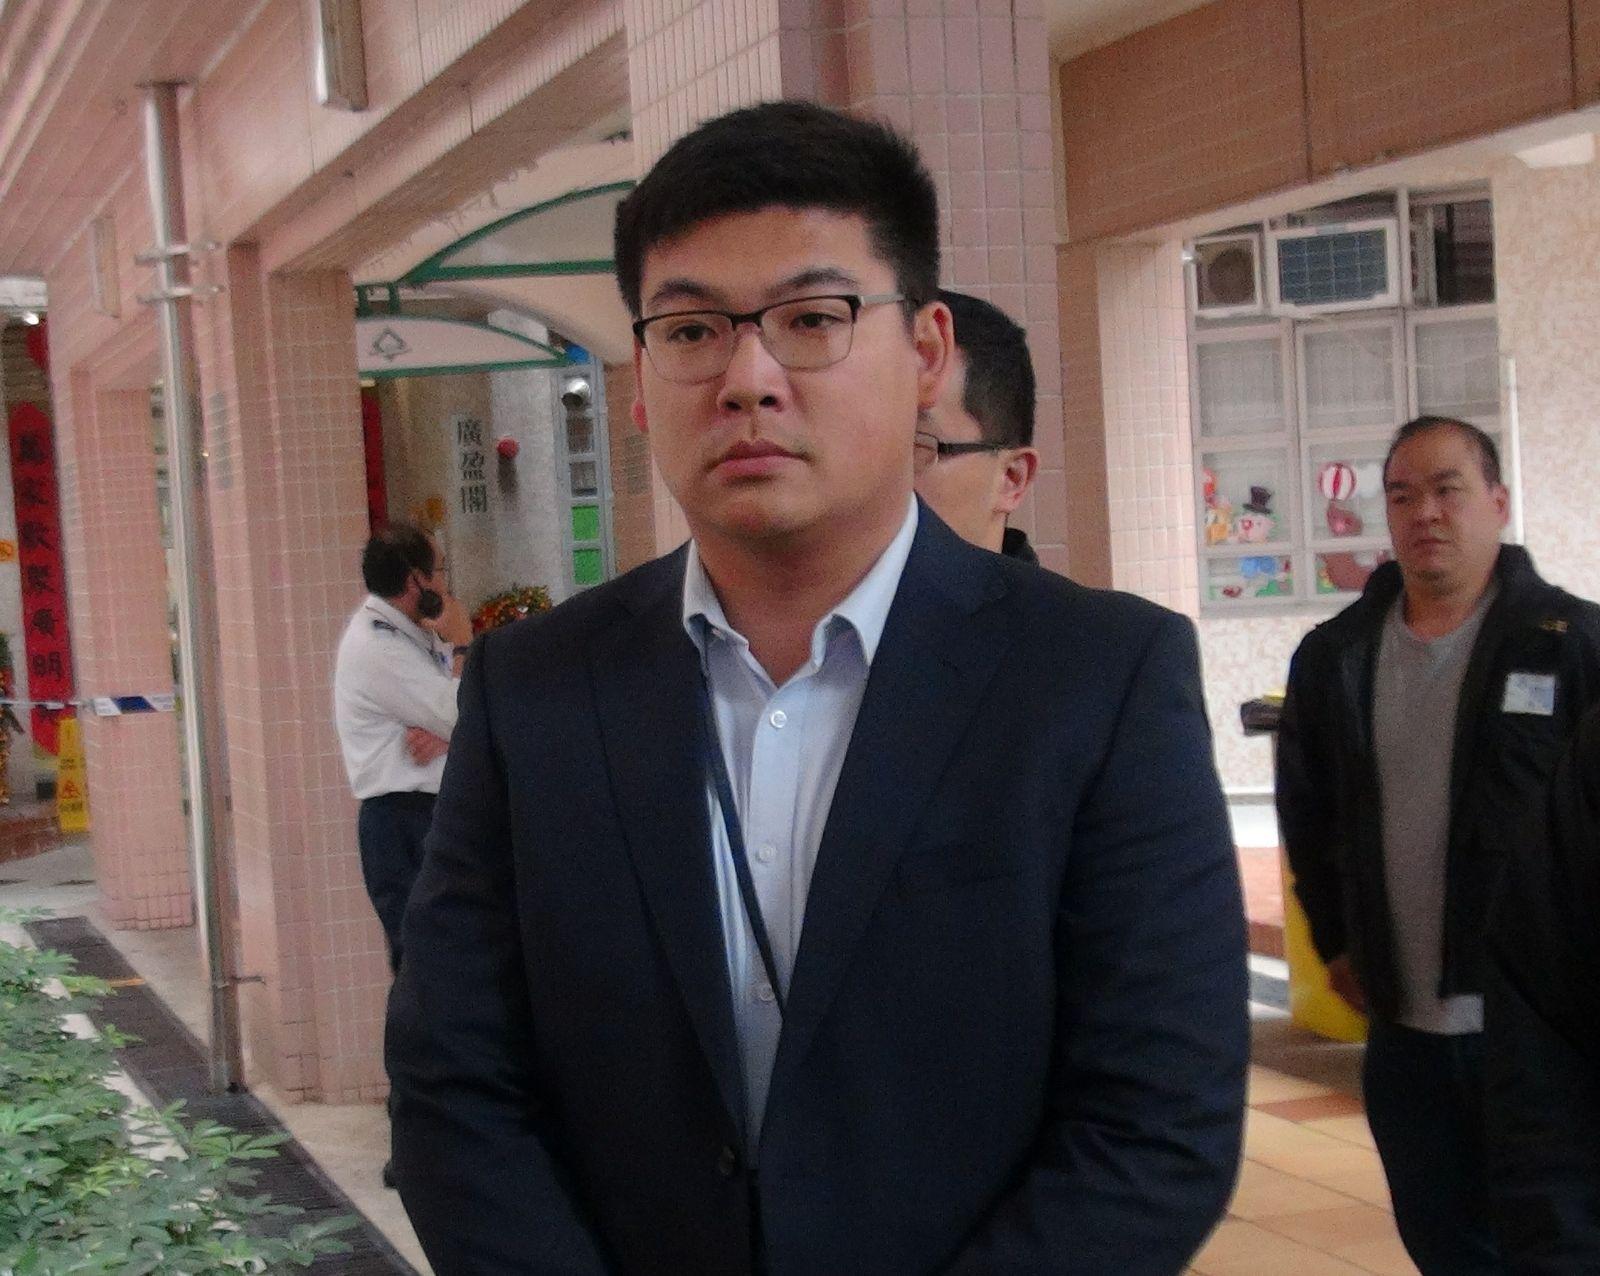 東九龍重案組高級督察盧文輝指,死者頸部傷痕相信由塑膠索帶造成